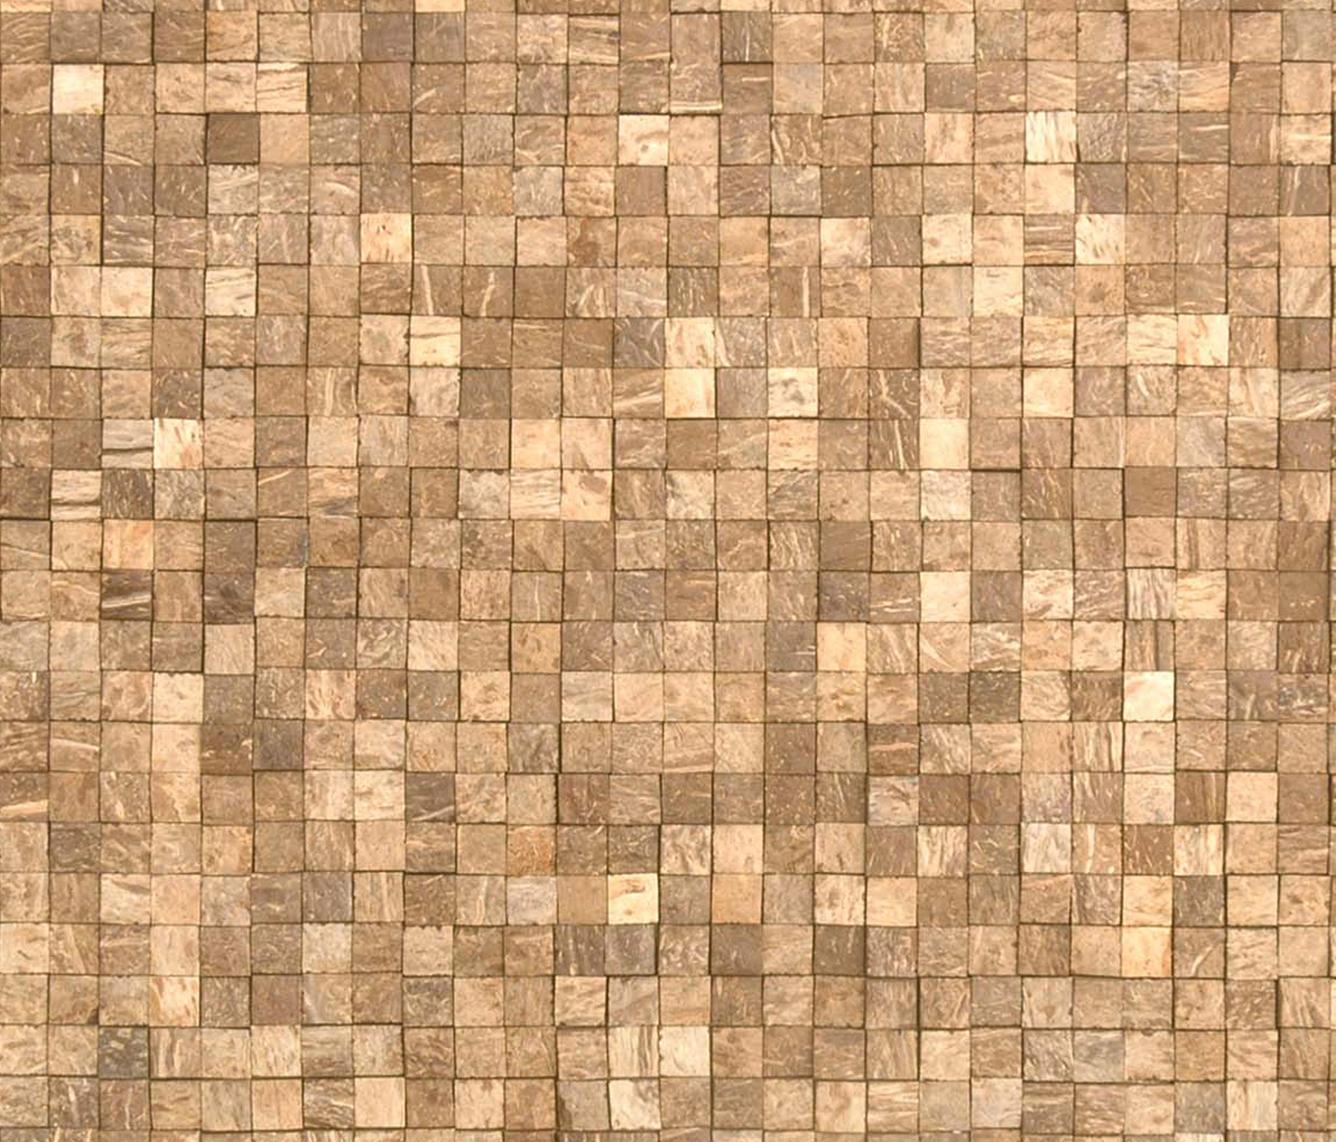 COCOMOSAIC WALL TILES NATURAL FANTASIA - Wall mosaics from ...